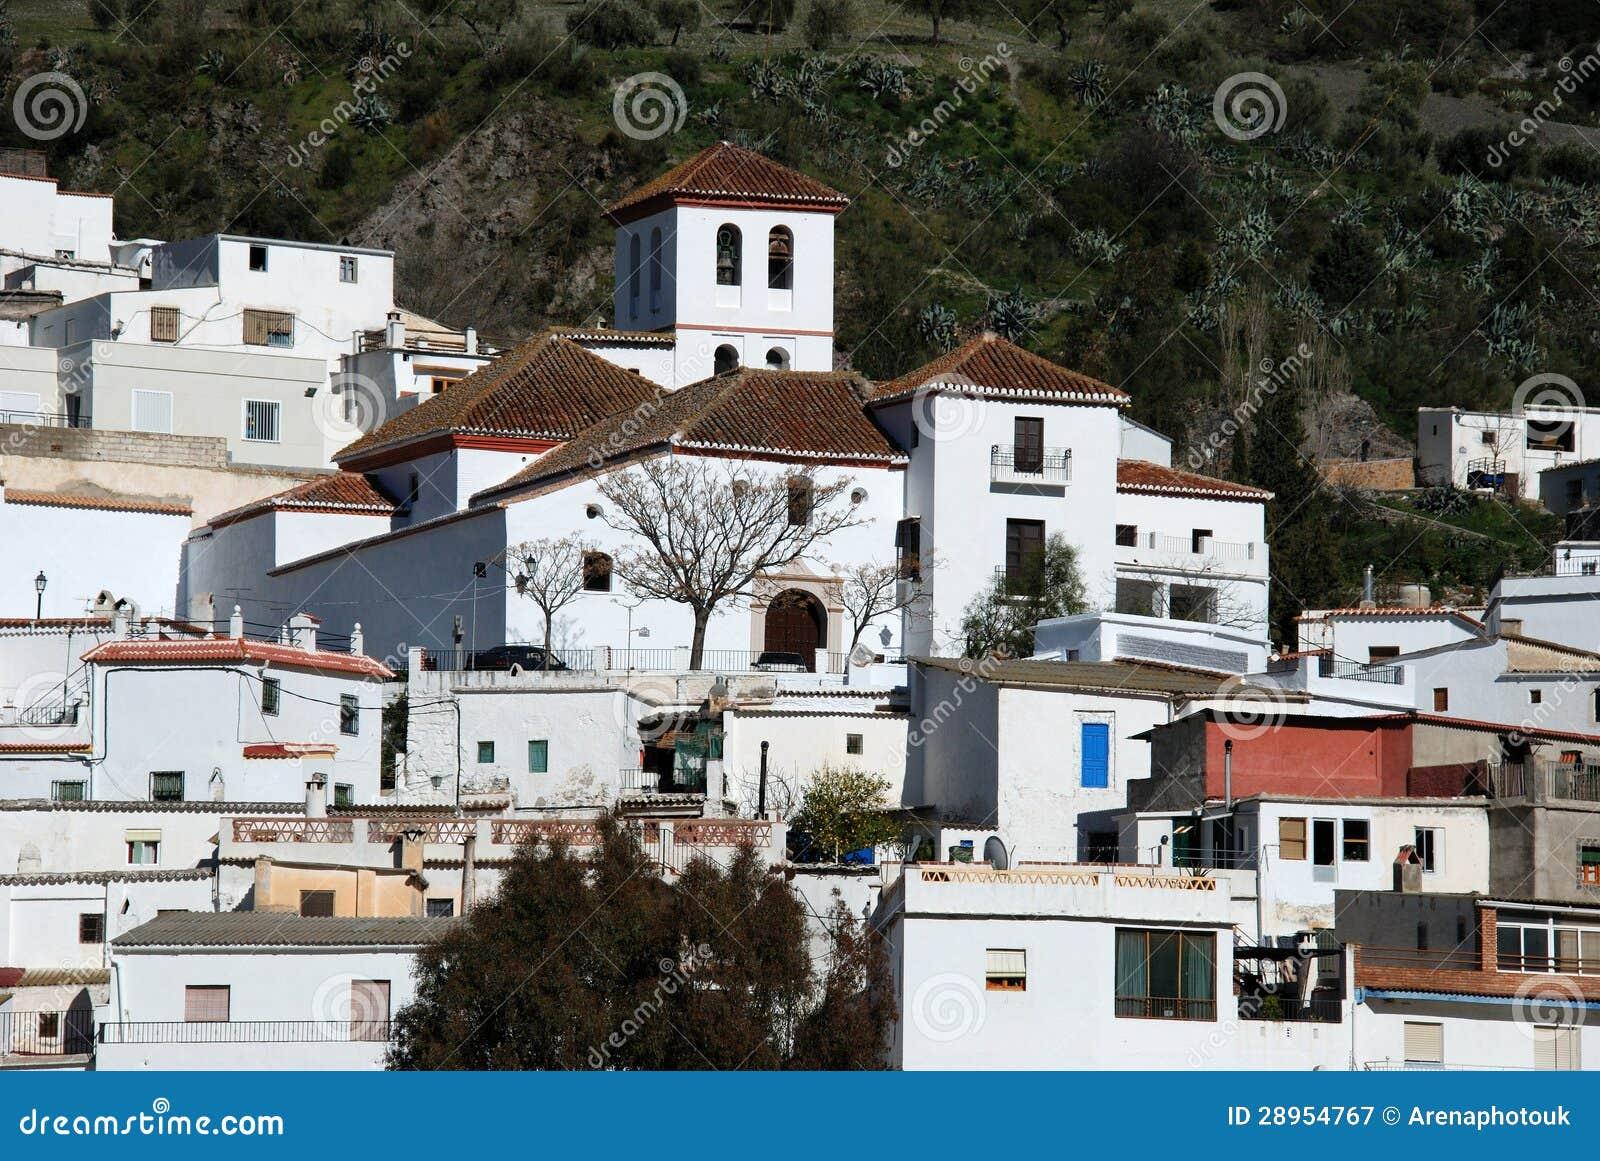 Biała wioska, Torvizcon, Andalusia, Hiszpania.